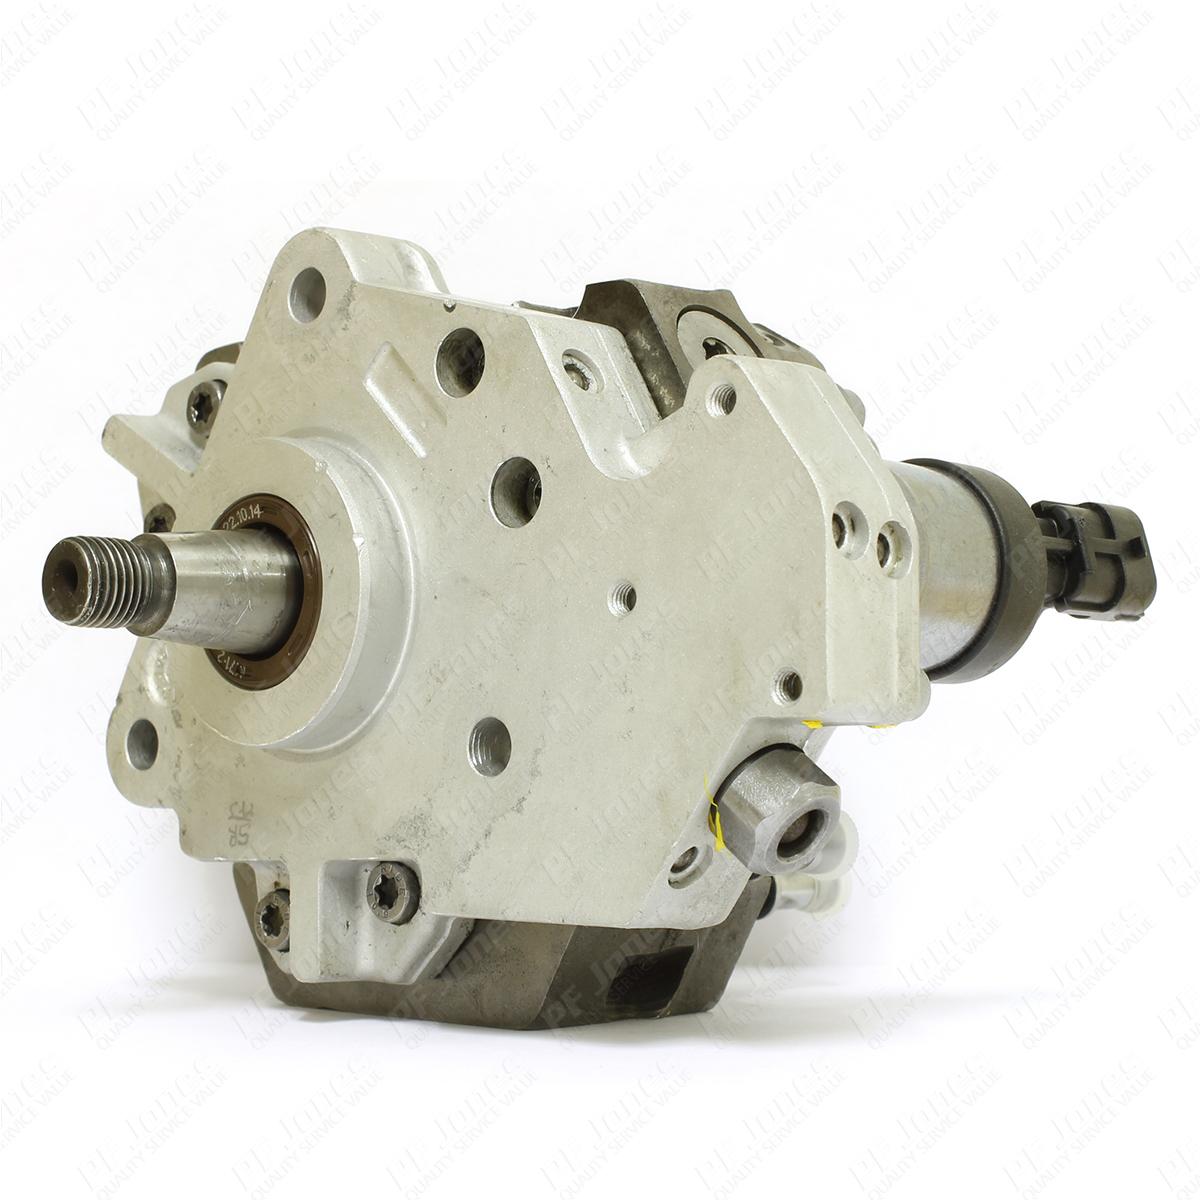 Nissan Primastar 1.9 DCI 2002-2008 Bosch Reconditioned Common Rail Diesel Pump 0445010075